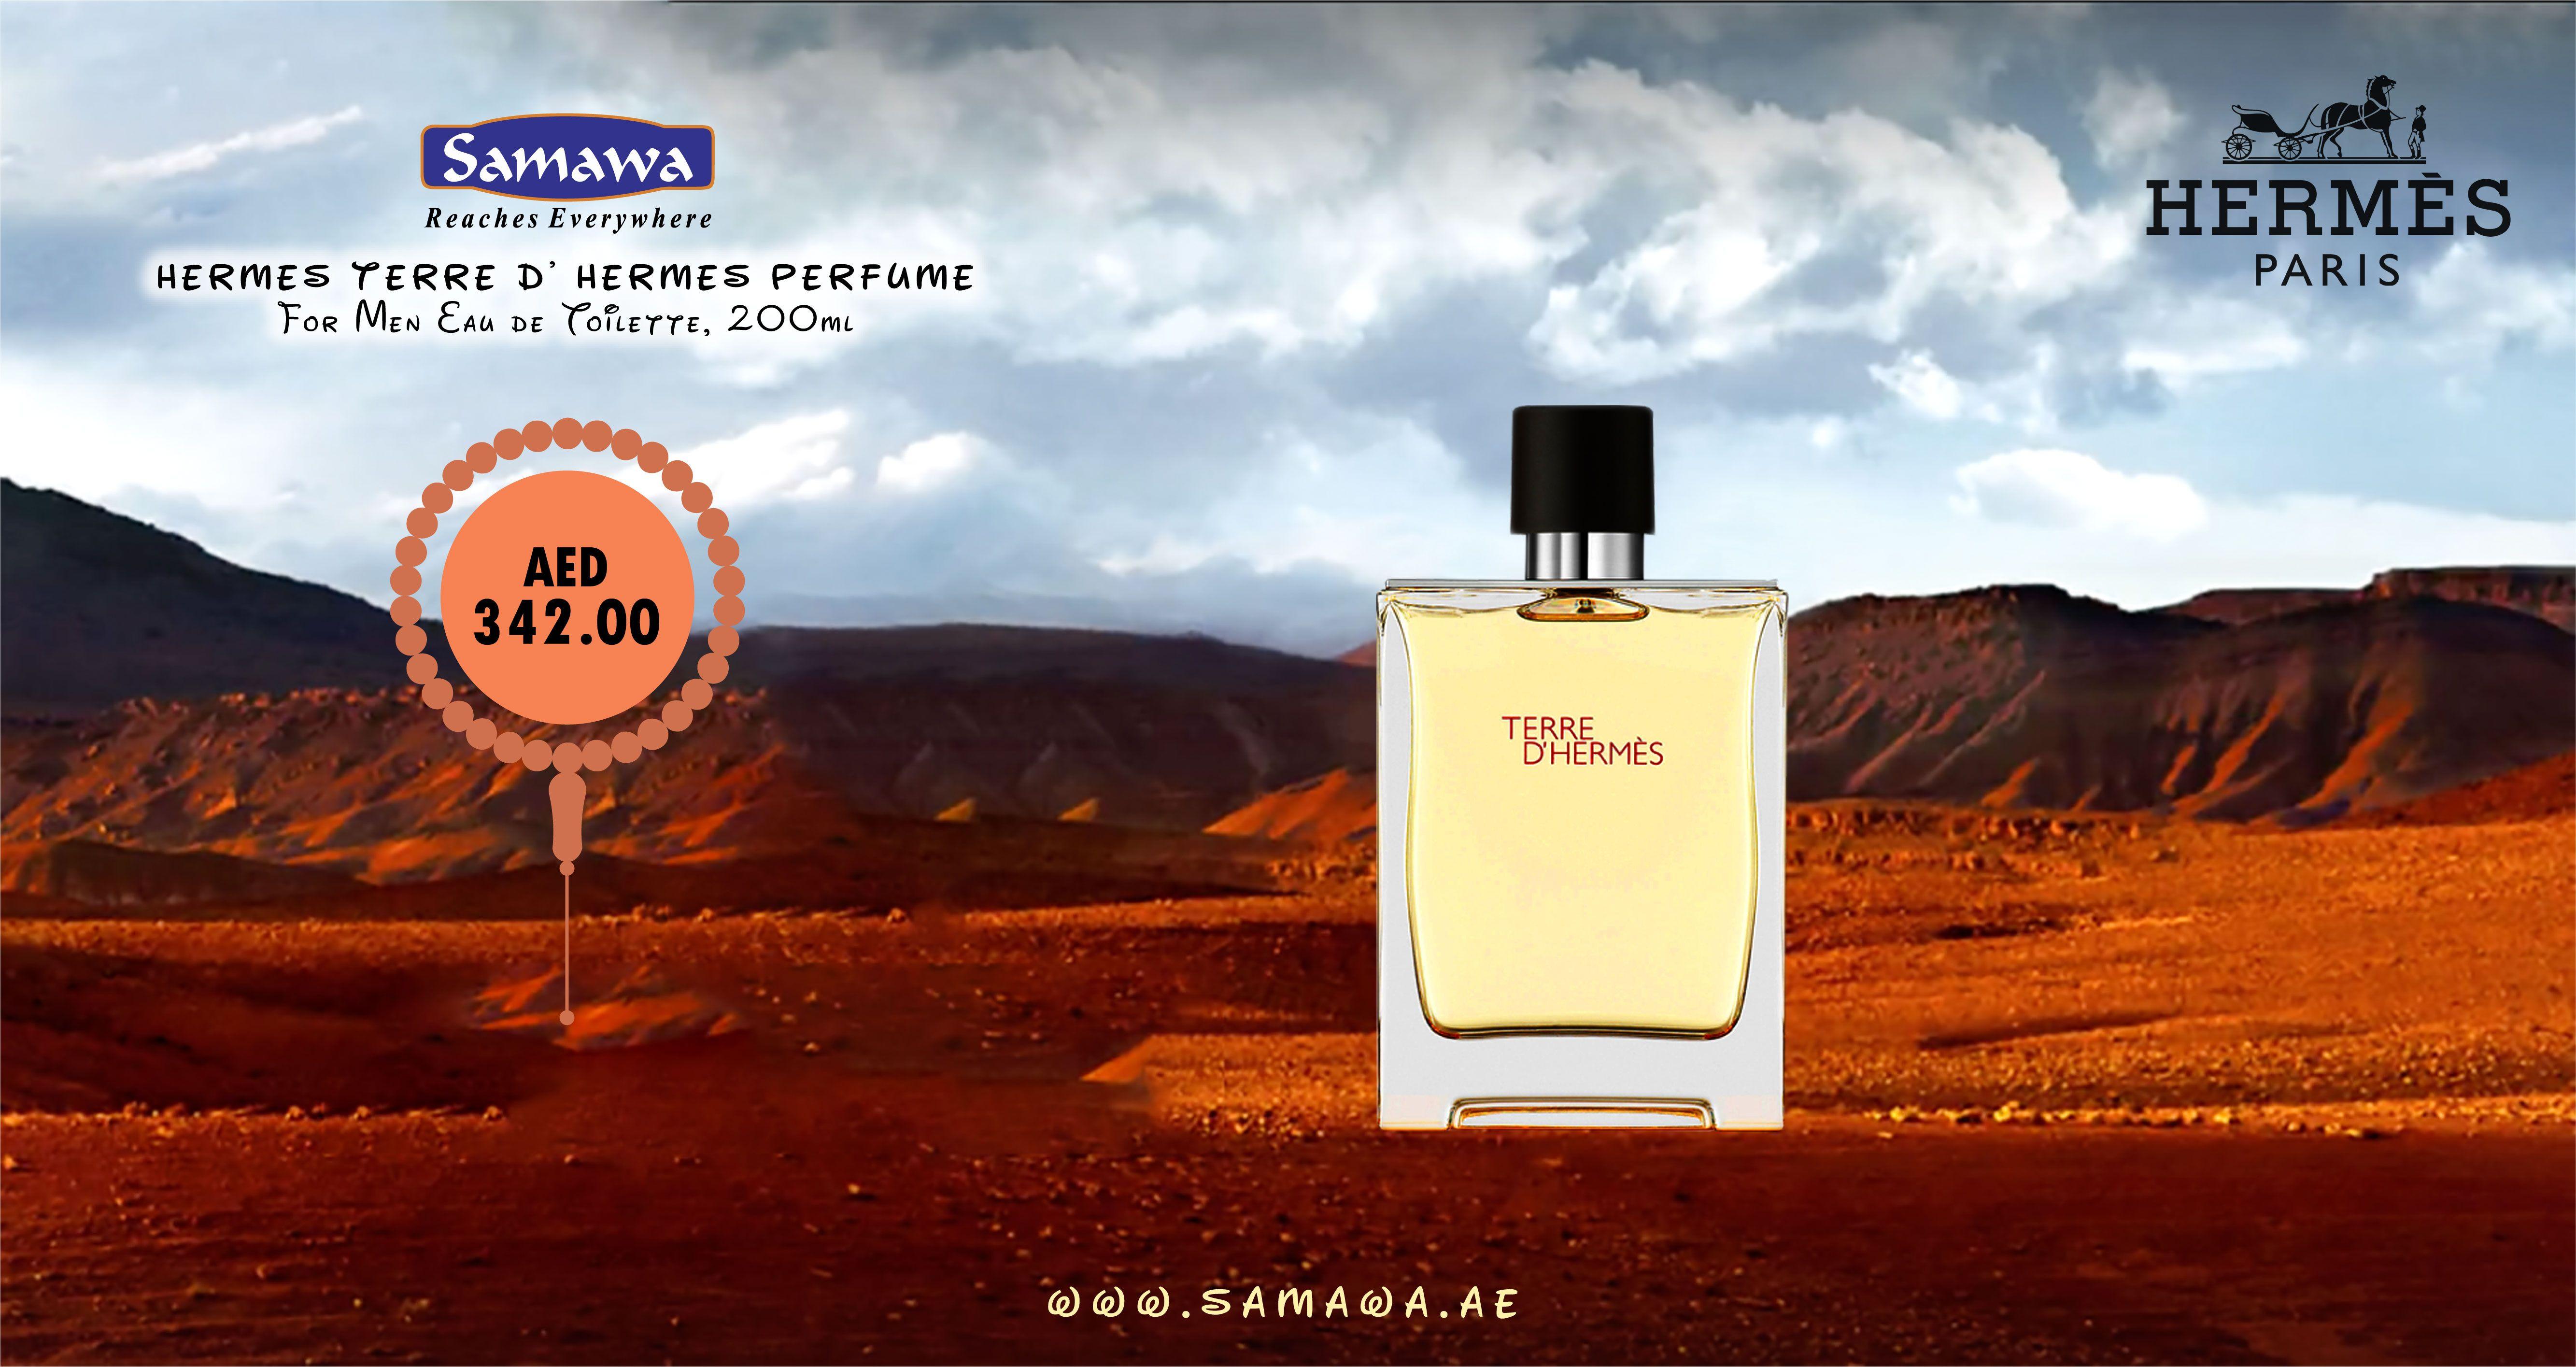 214c995094 Hermes Terre D' Hermes Perfume For Men Eau de Toilette, 200ml FOr Only  342AED #dubai #dubaiuae #dubaitag #dubaideals #sale #shoponline #Perfume